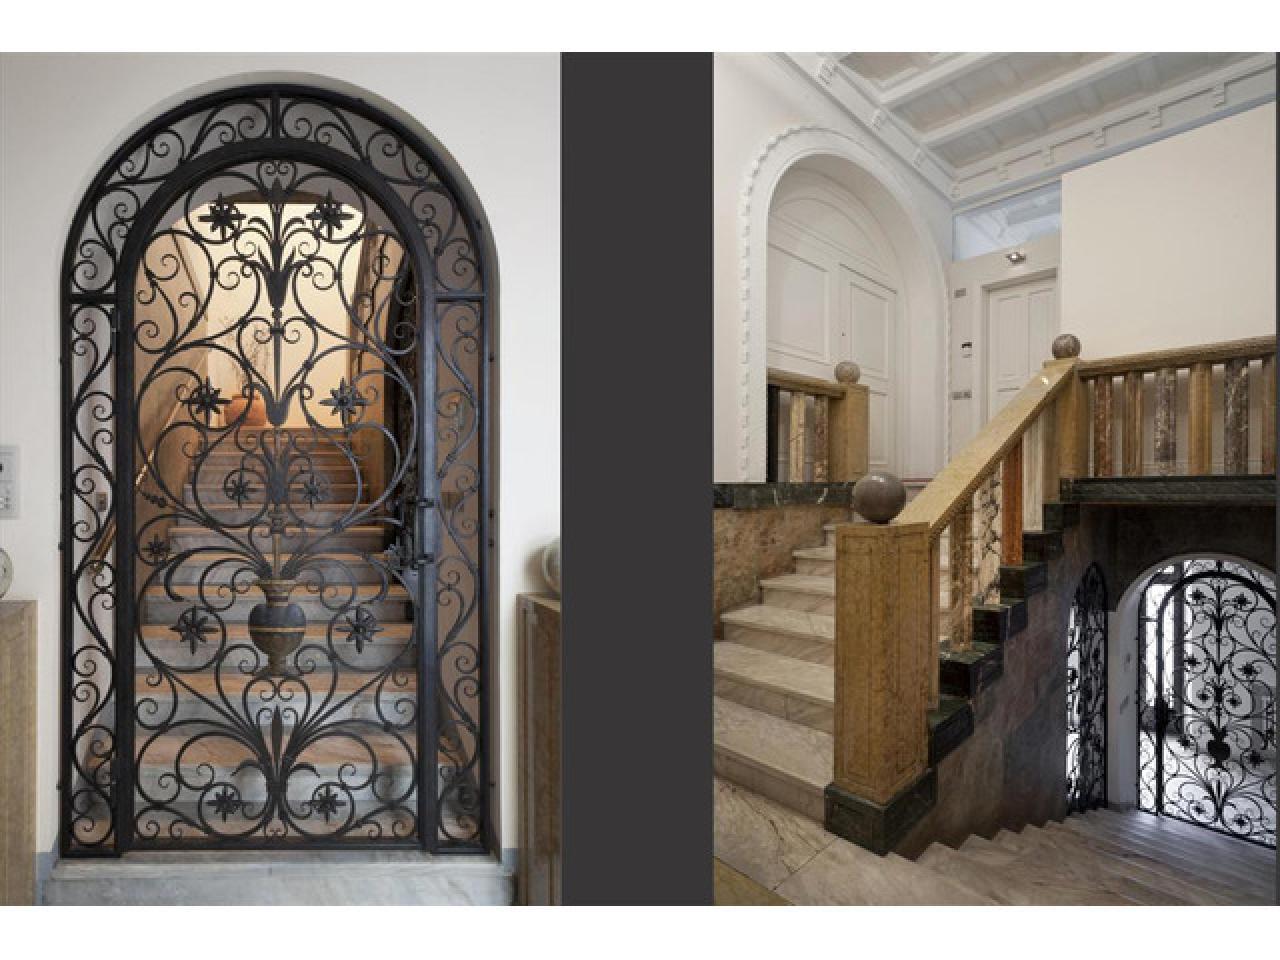 Апартаменты в старинном особняке в историческом центре города Комо (Италия) - 8